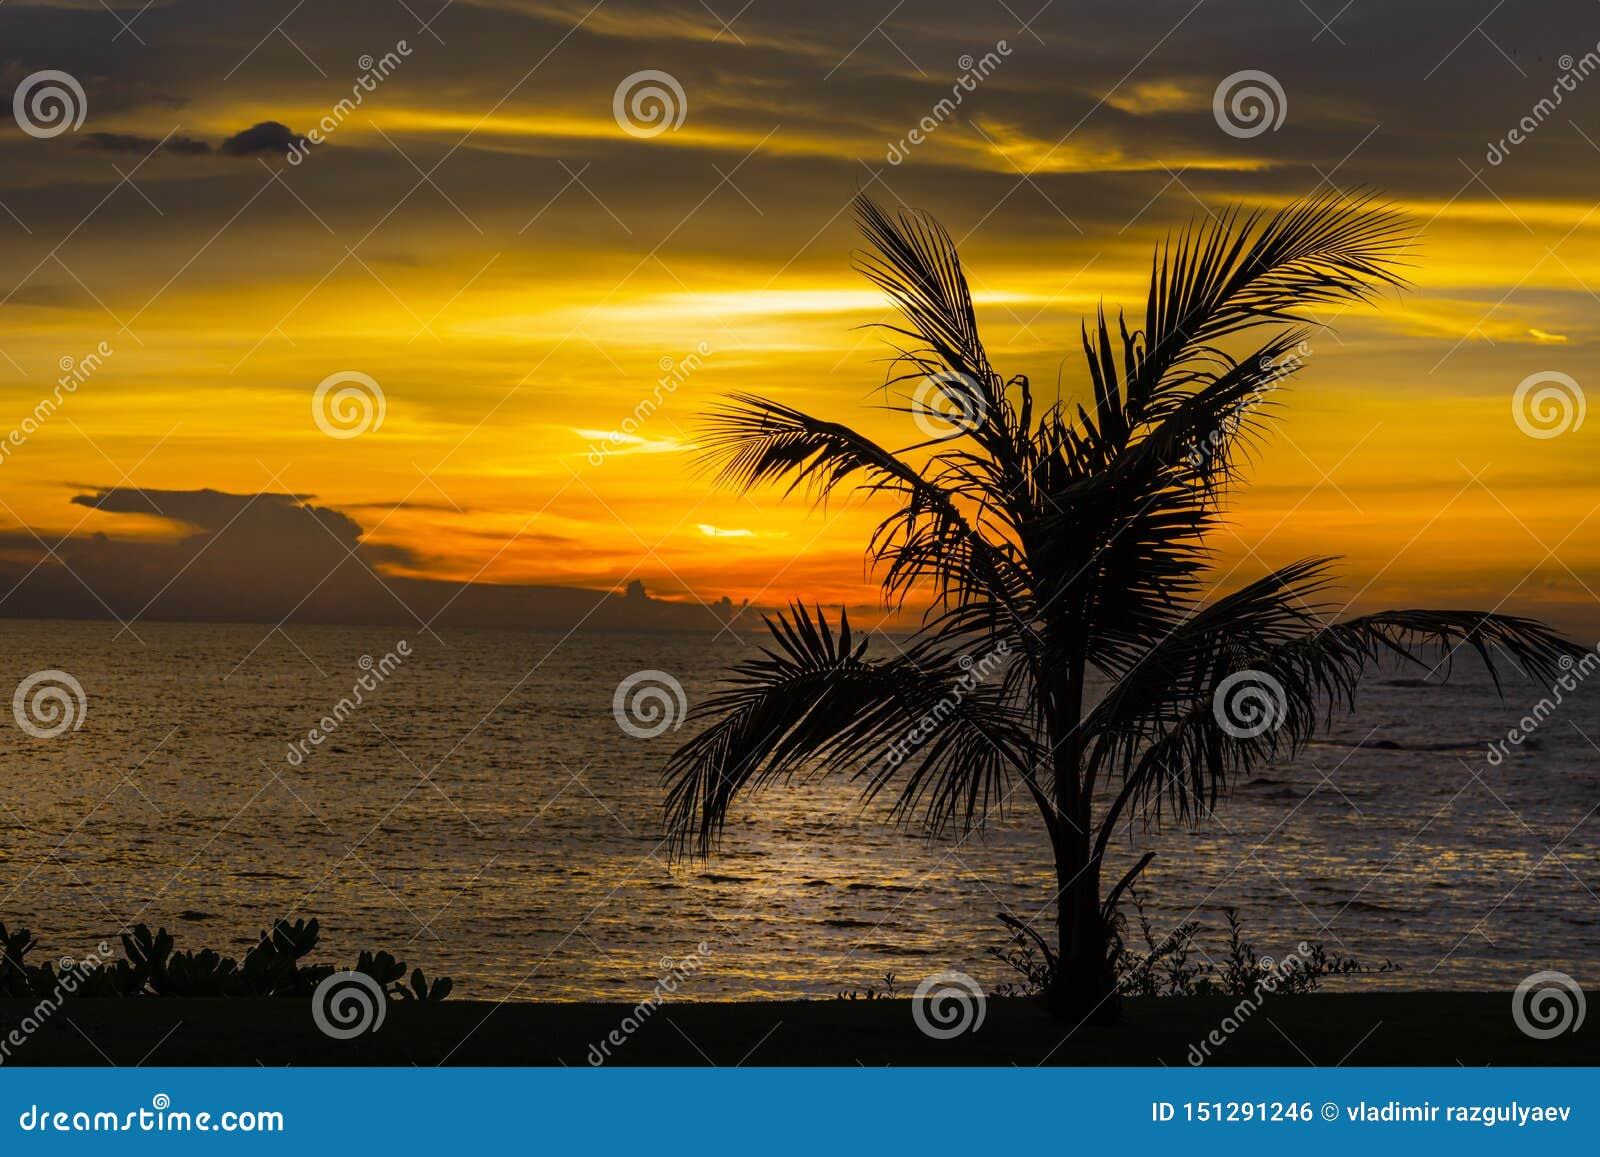 Beau paysage tropical de nuit avec des palmiers